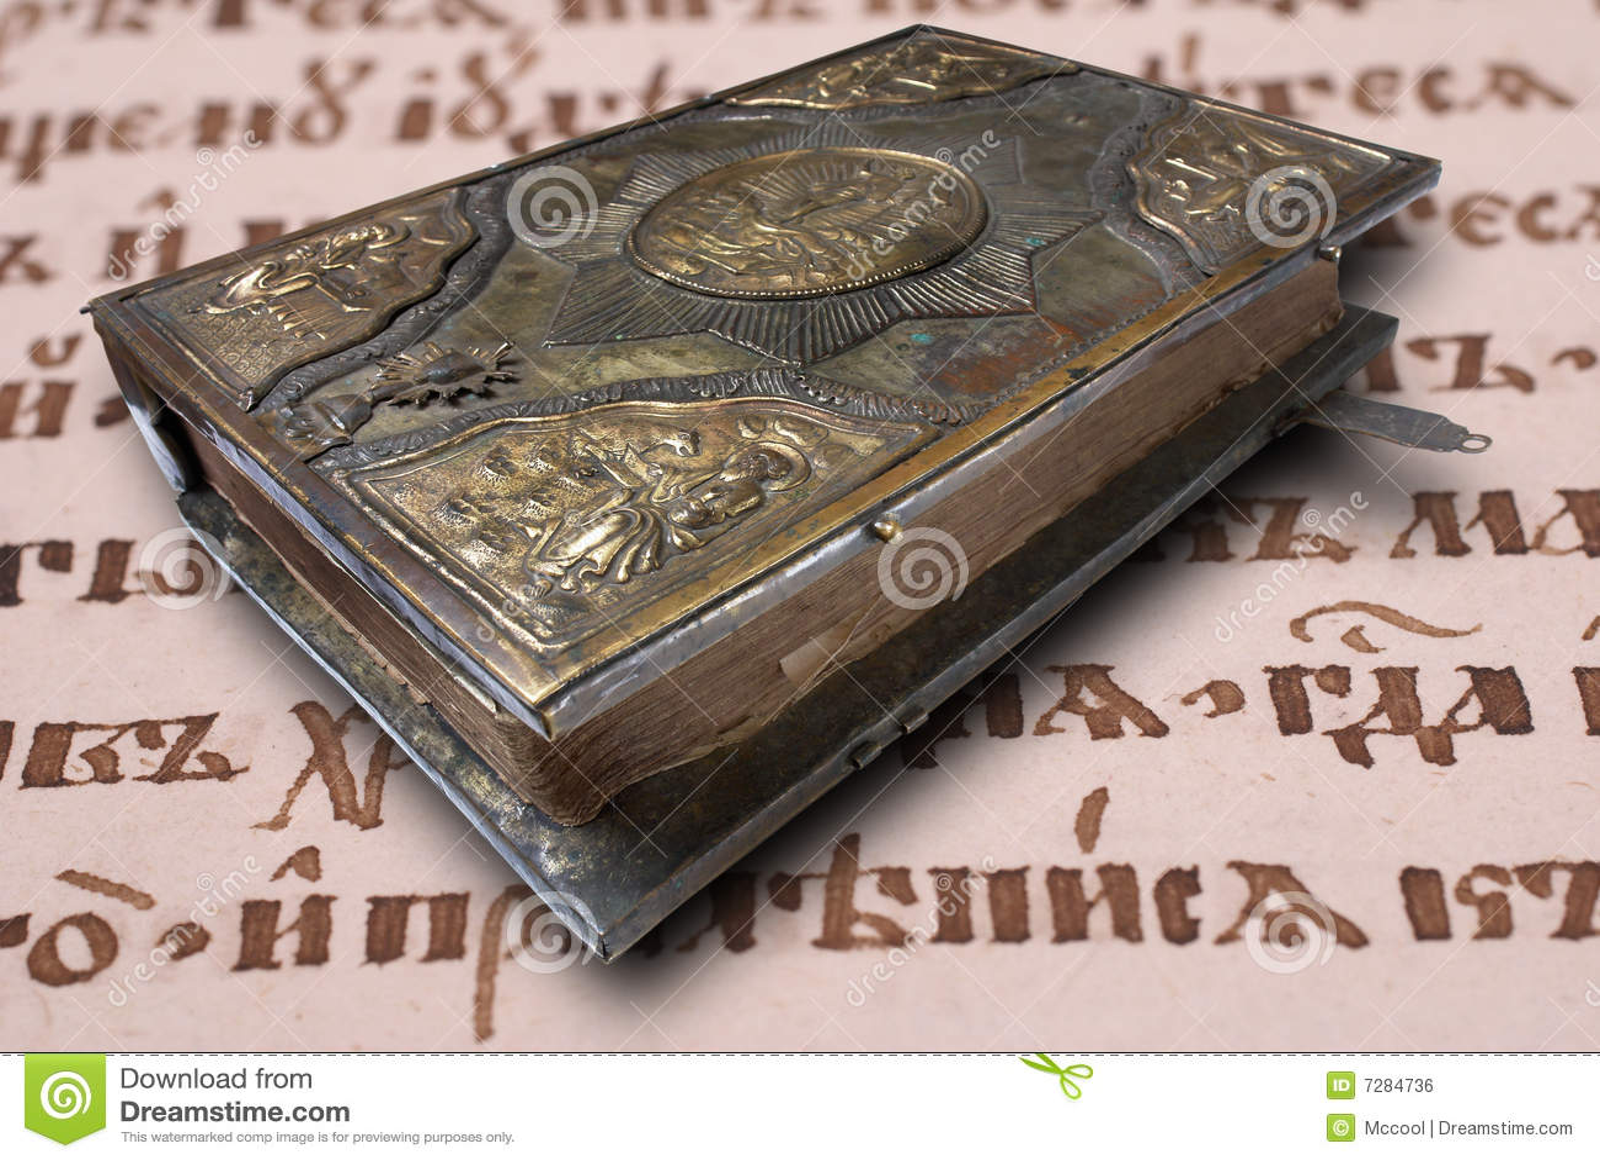 Libro del siglo XVII en fondo